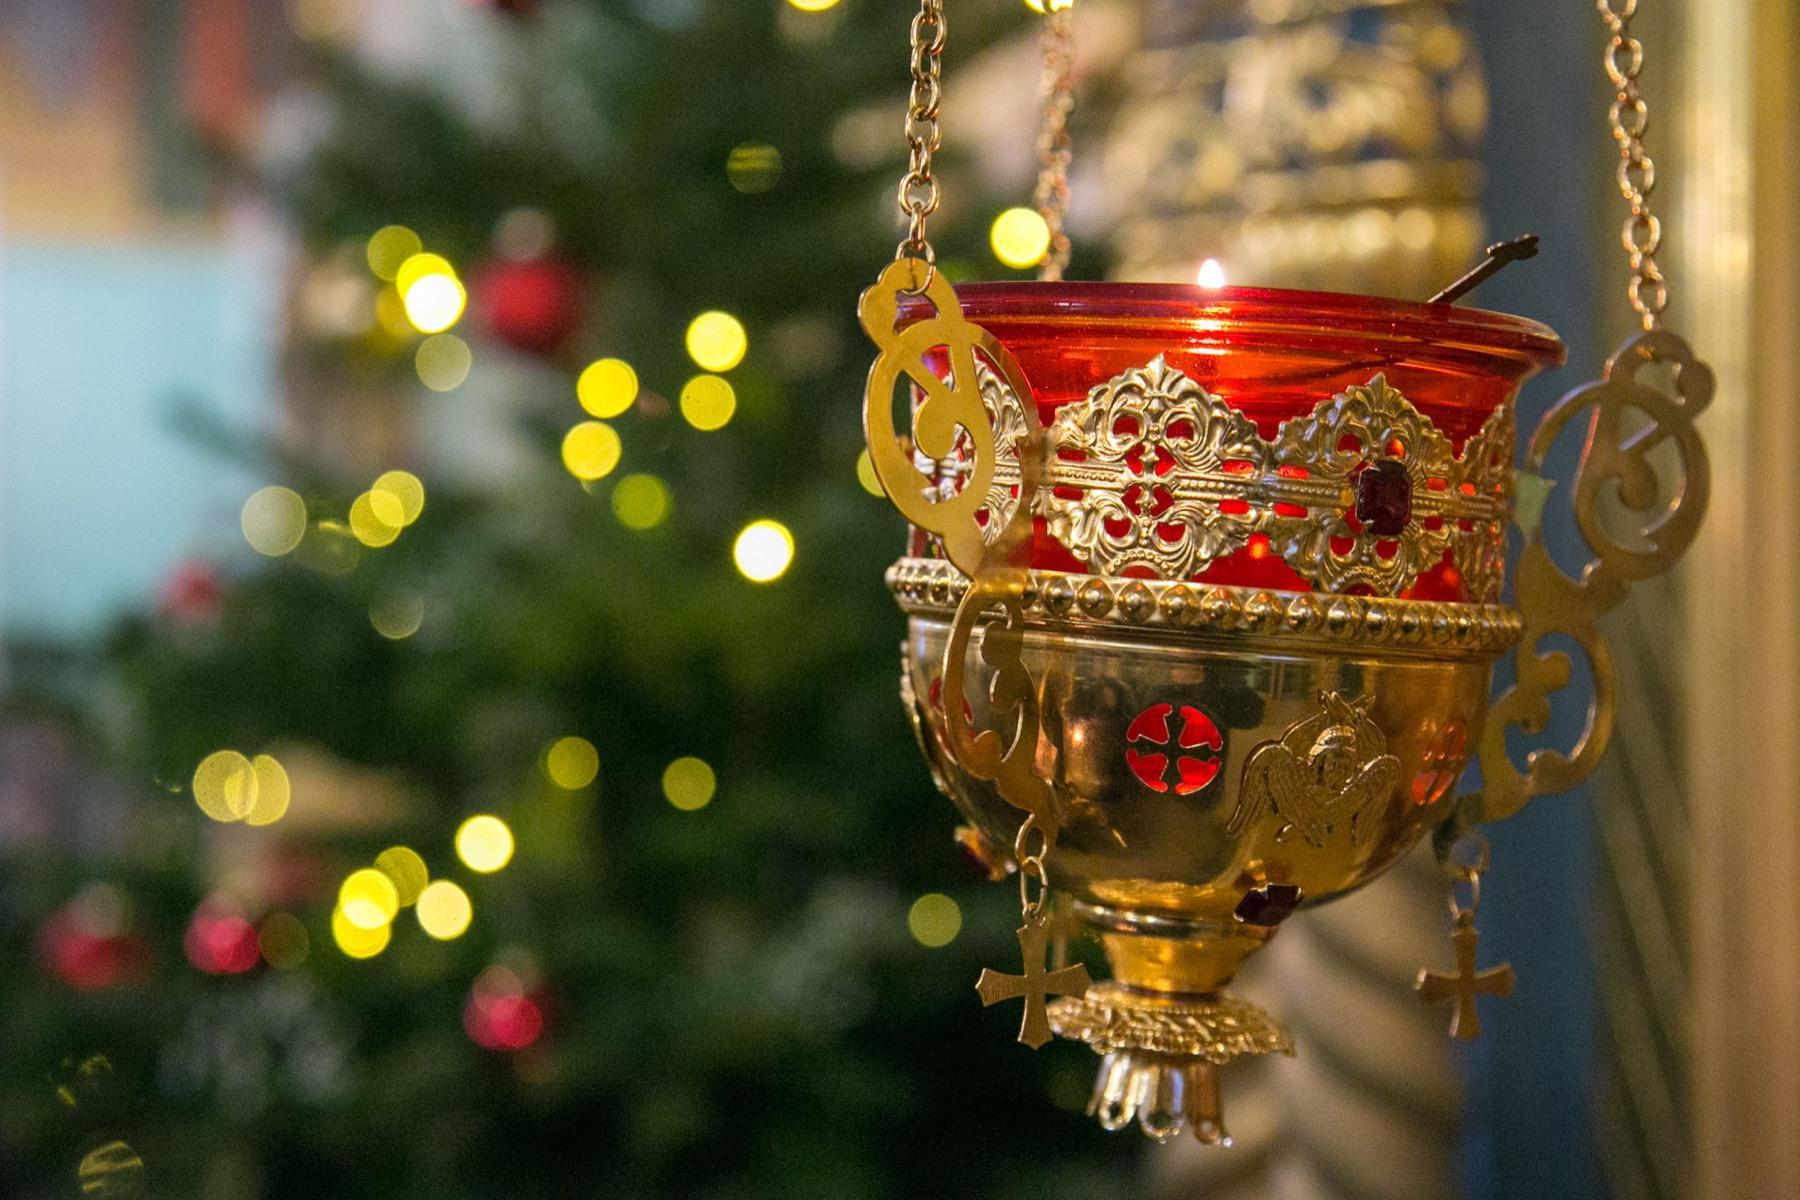 Новости Коломны   Митрополит Ювеналий возглавил празднование Рождества Христова в Коломне Фото (Коломна)   religiya vera duhovnost iz zhizni kolomnyi